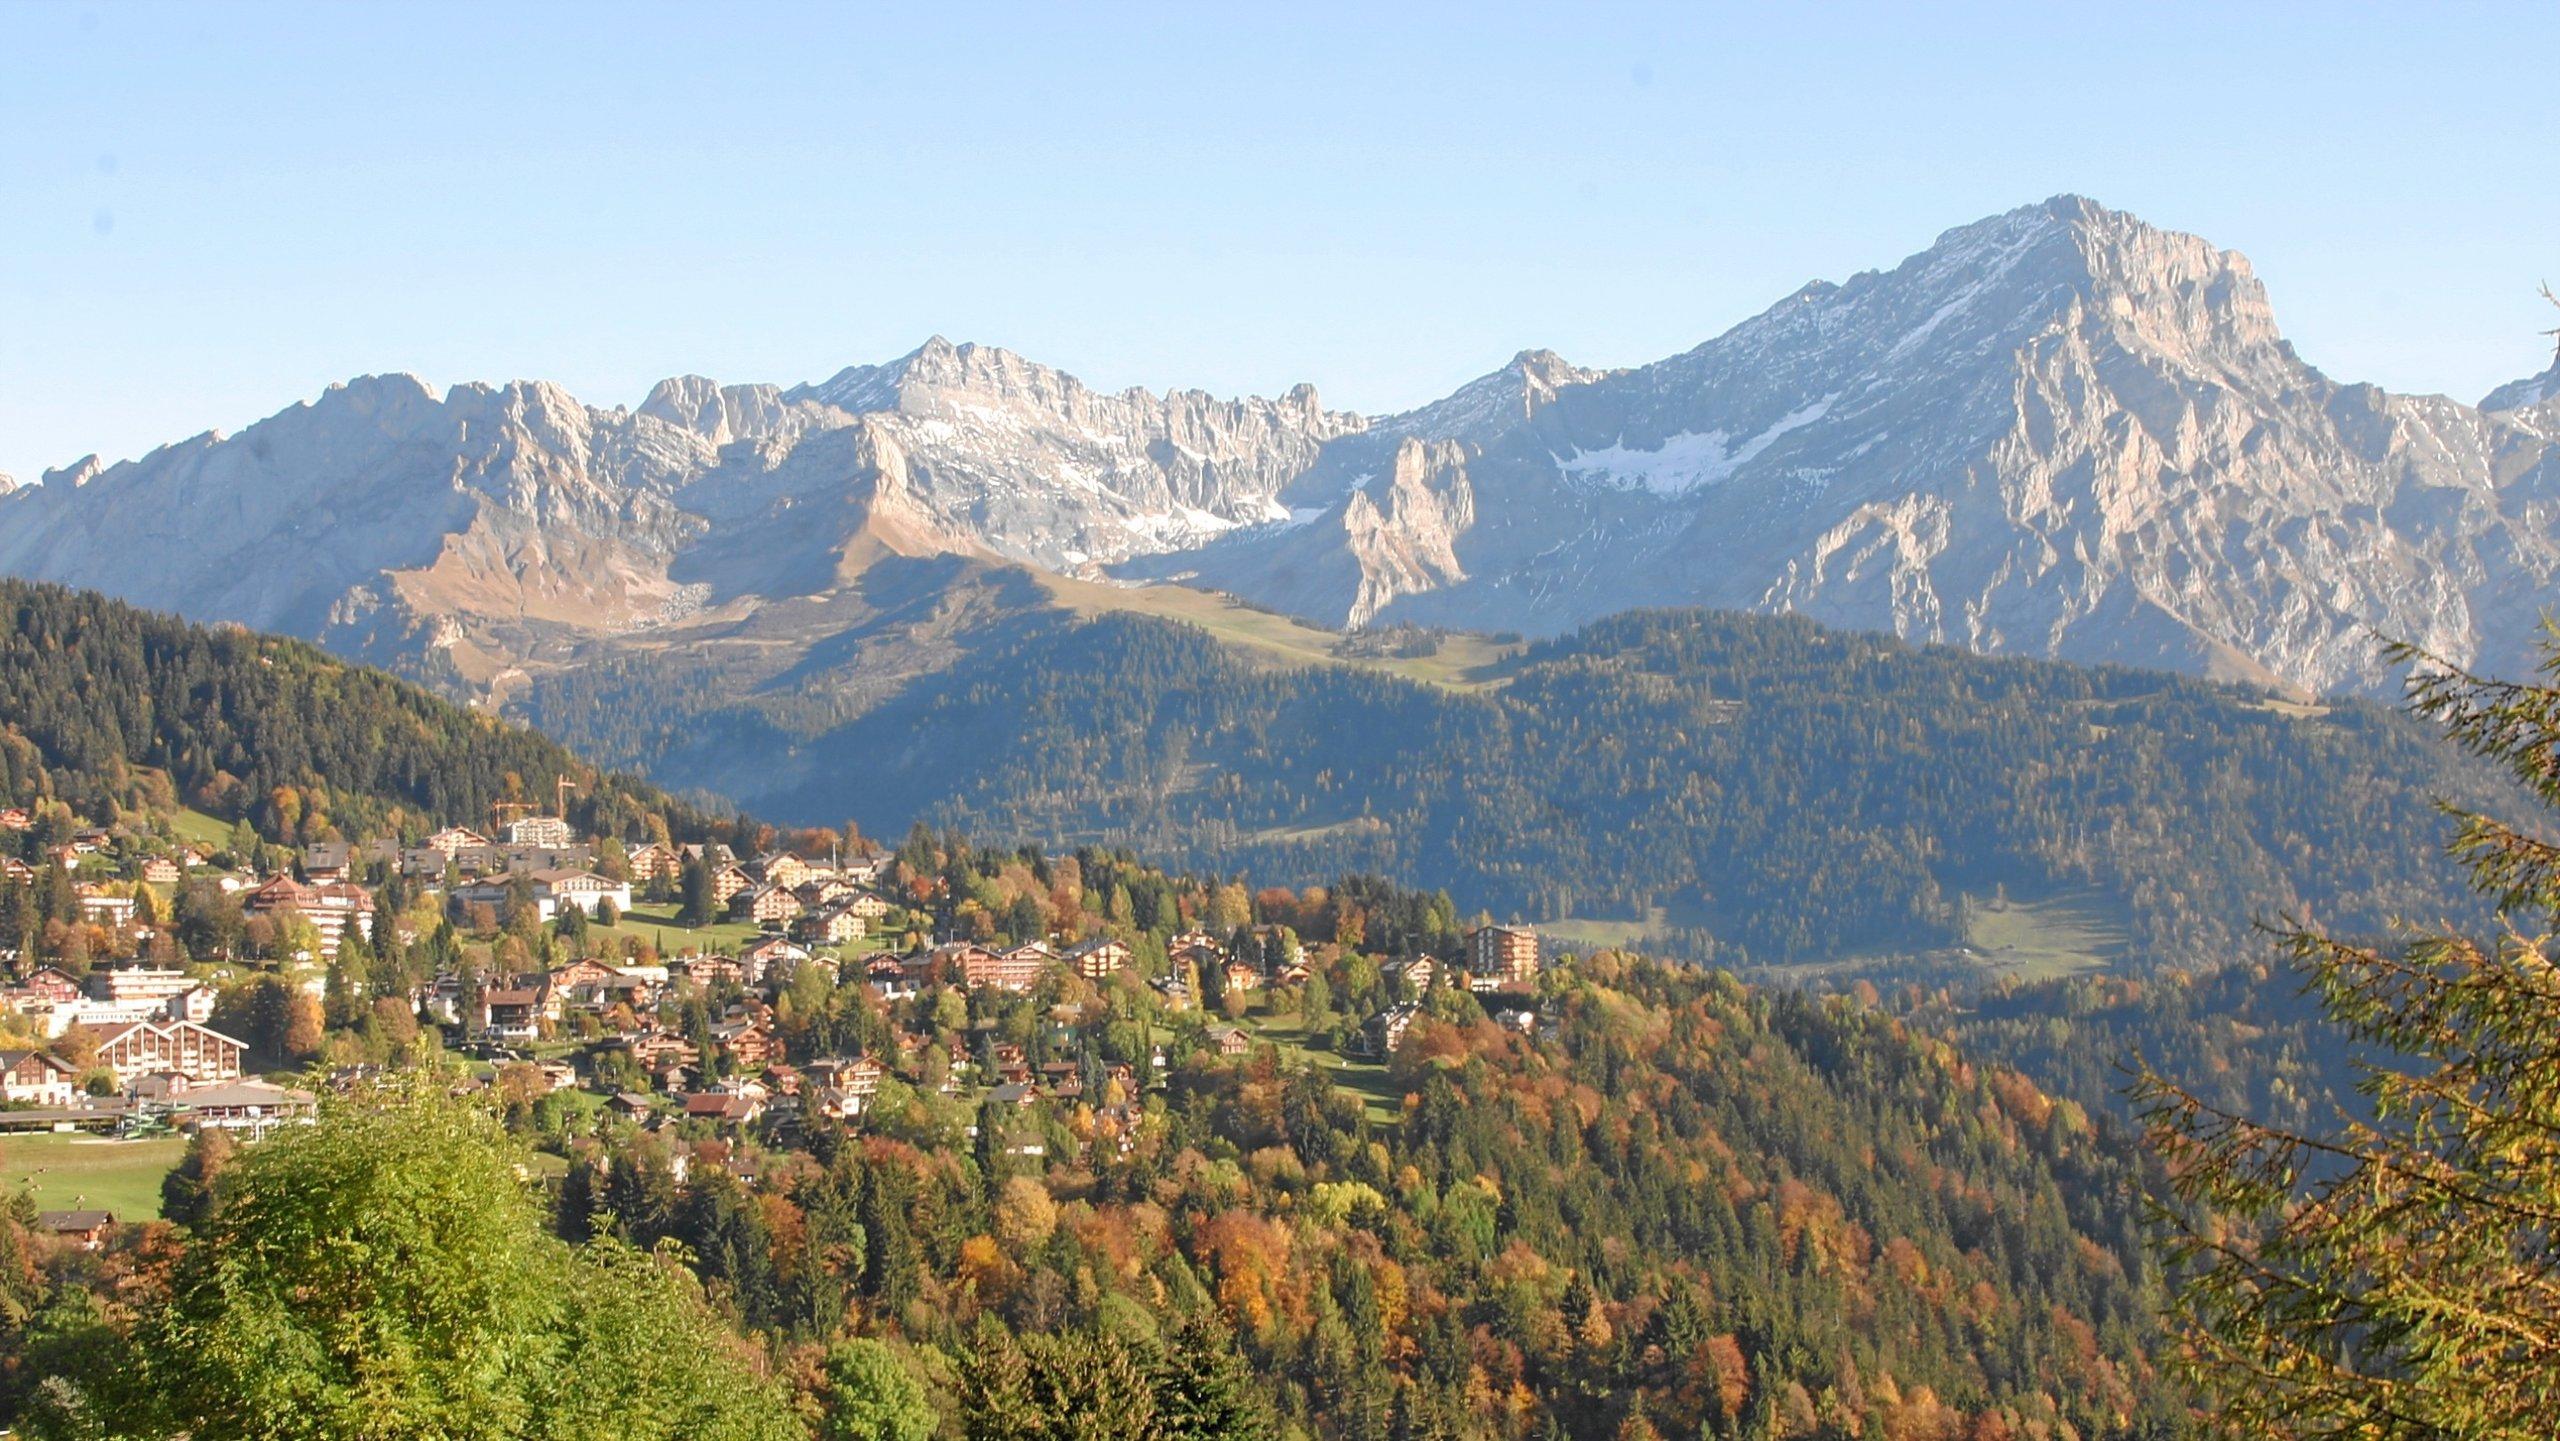 Villars-sur-Ollon, Ollon, Canton of Vaud, Switzerland